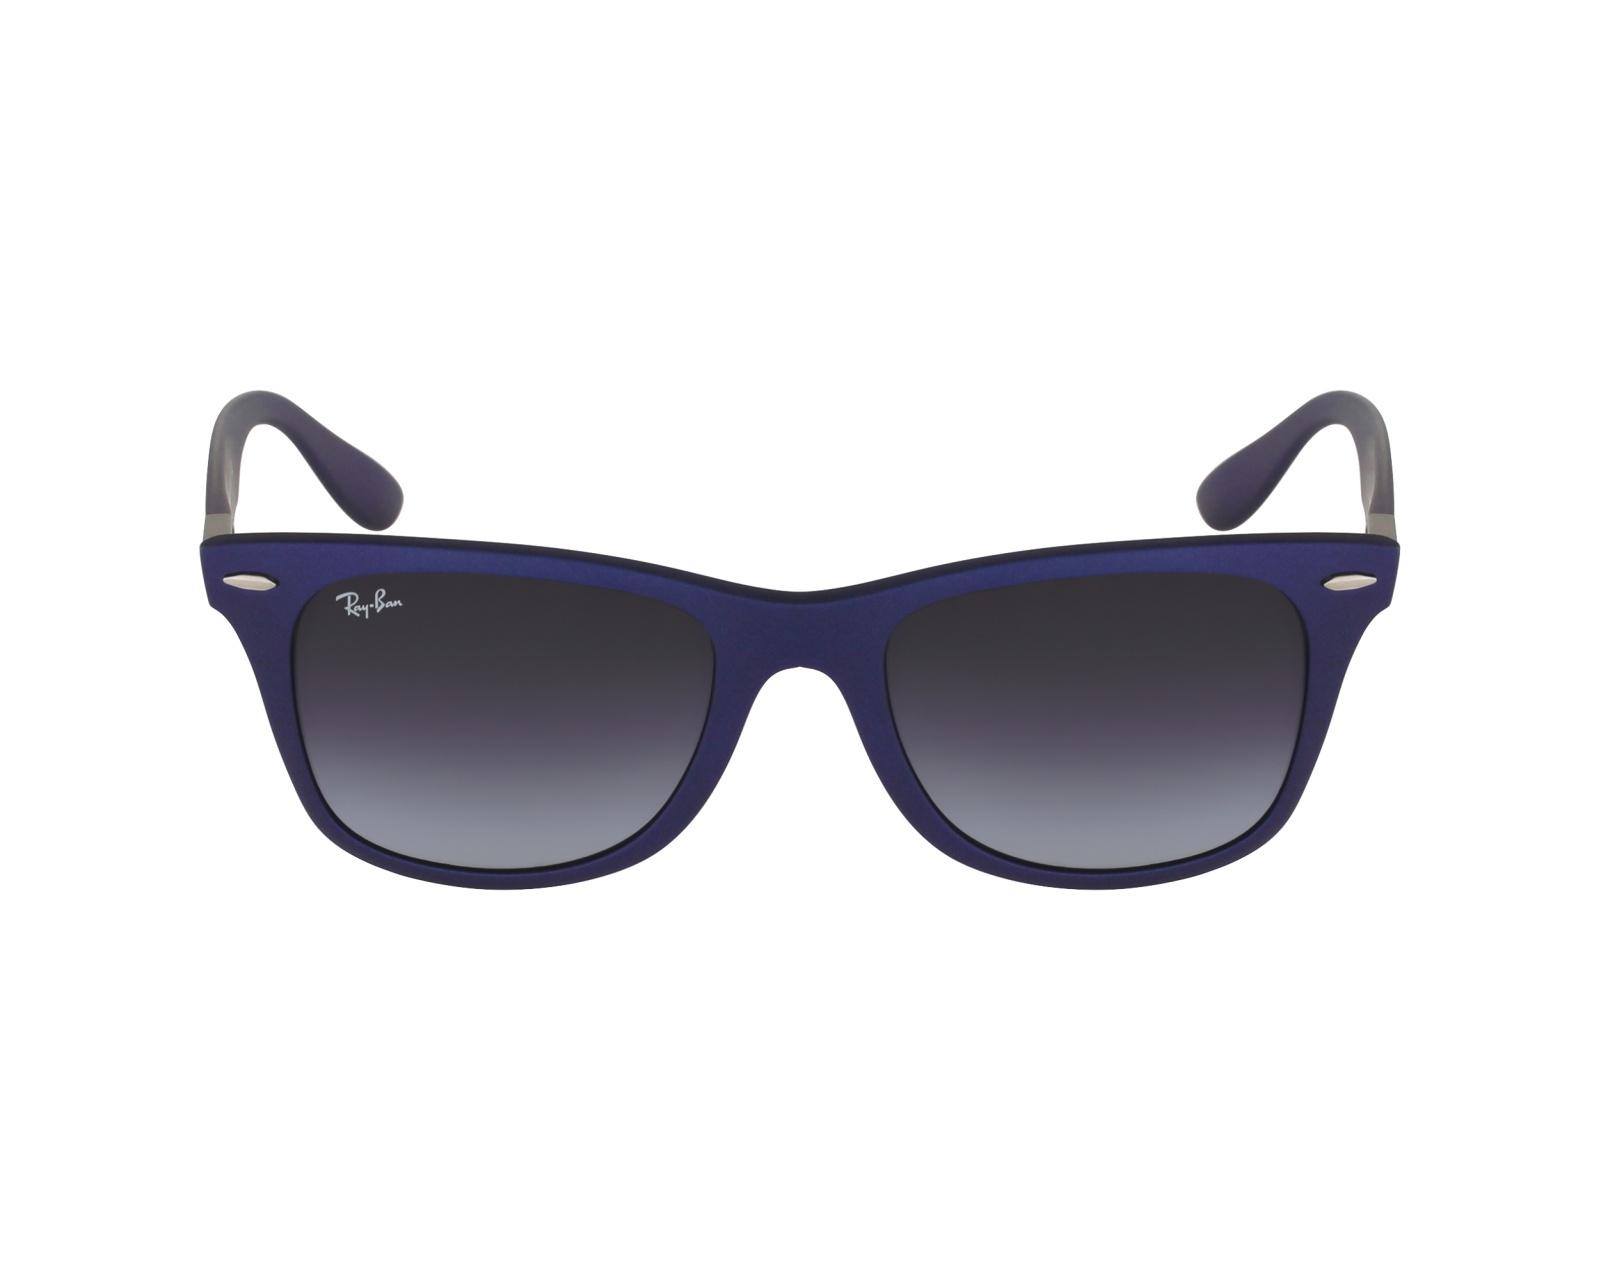 Ray-Ban Liteforce Sonnenbrille Mattblau 624830 52mm 2jRDR7P